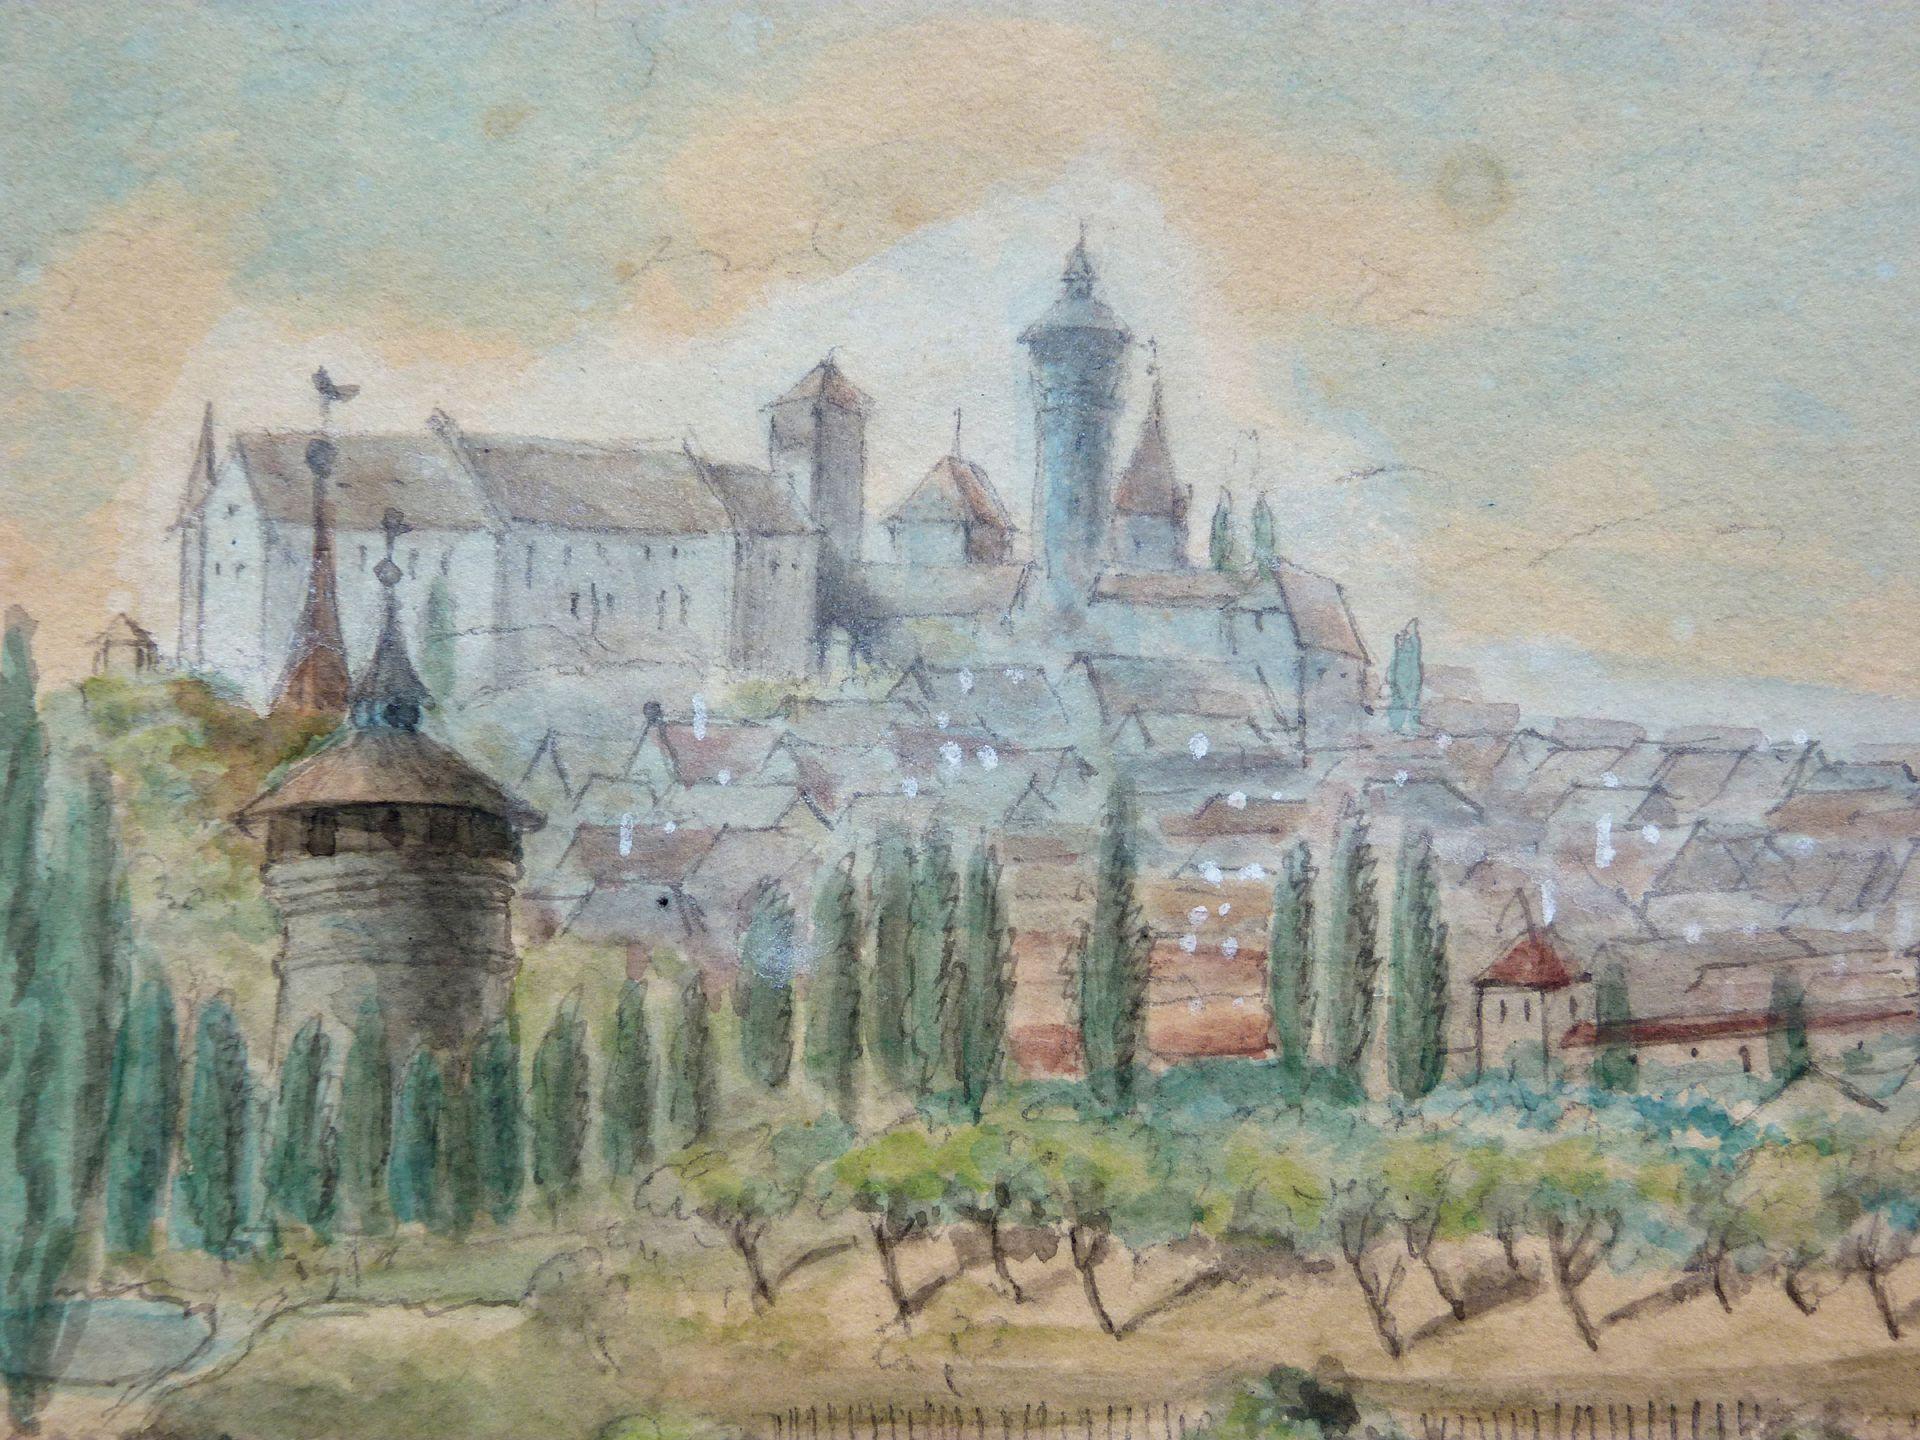 Rosenau mit Blick auf die Burg und die Sebalder Altstadt Neutoturm und Burg